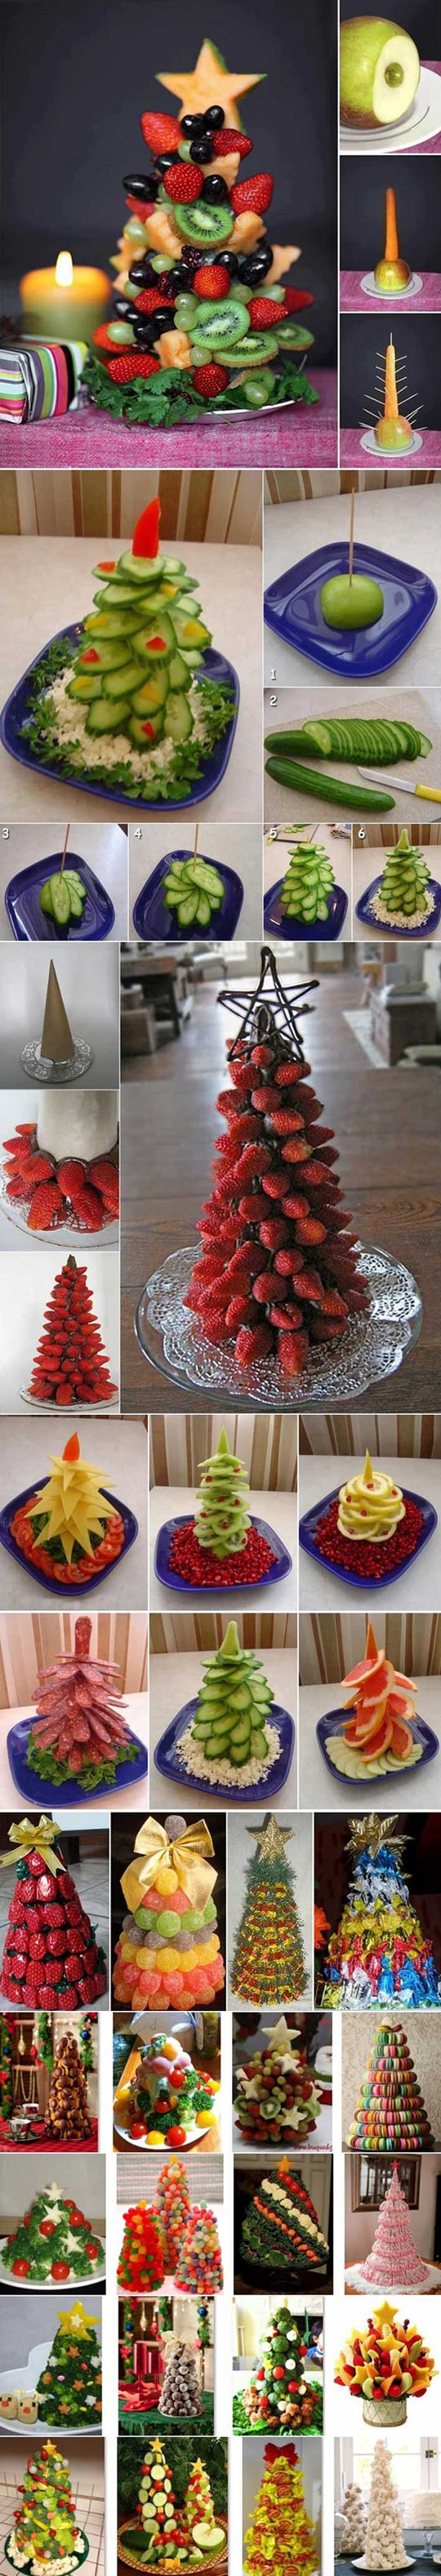 Tasty Christmas Trees…